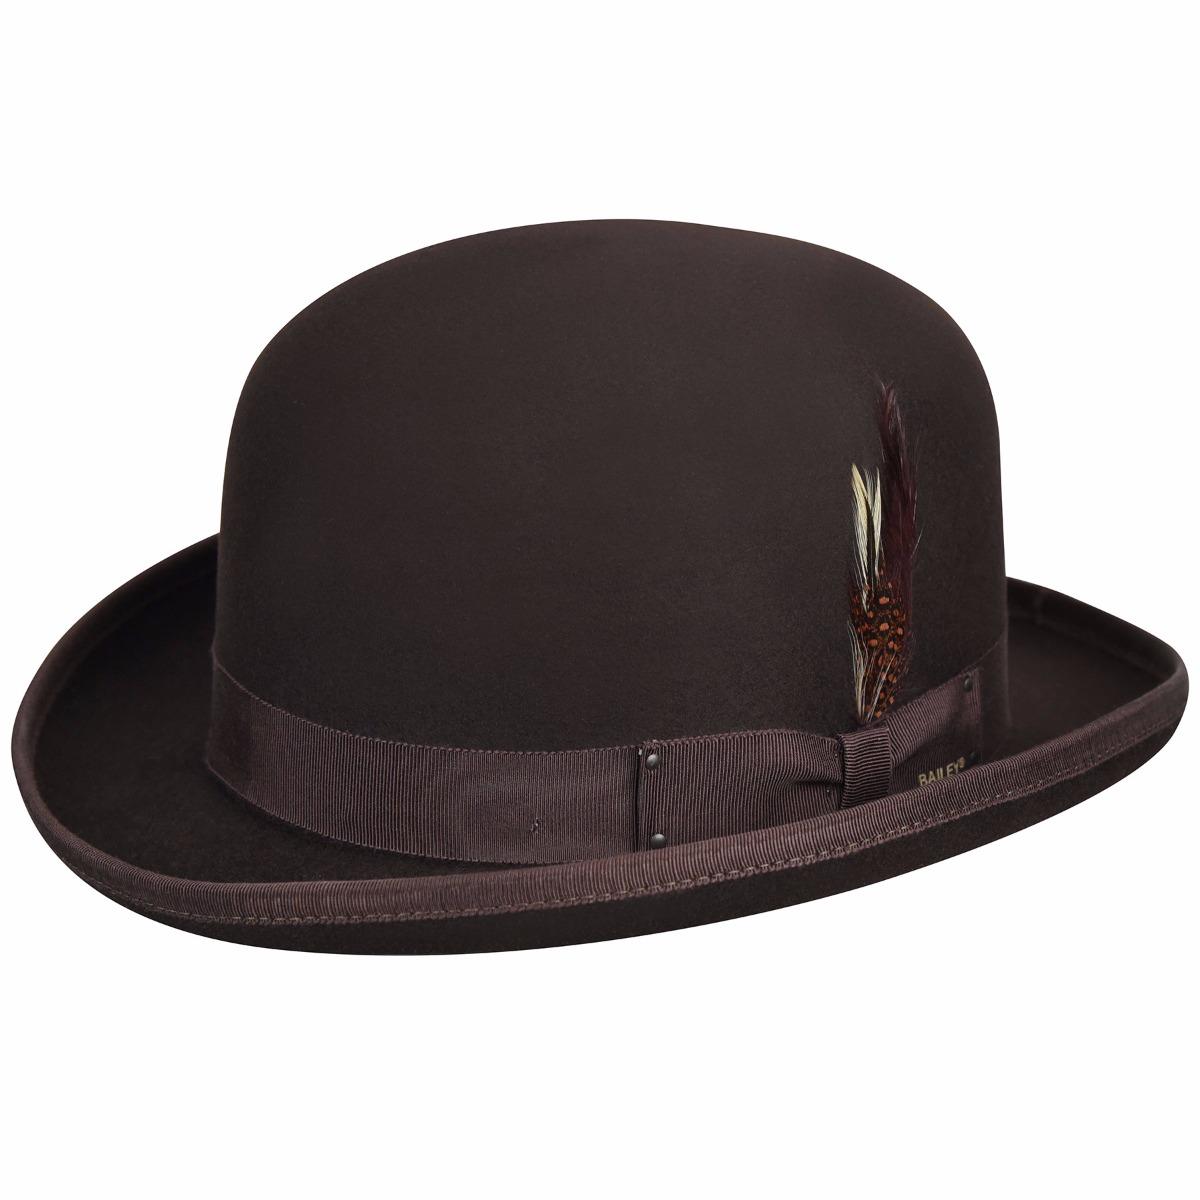 New Edwardian Style Men's Hats 1900-1920 Derby Hat $110.00 AT vintagedancer.com